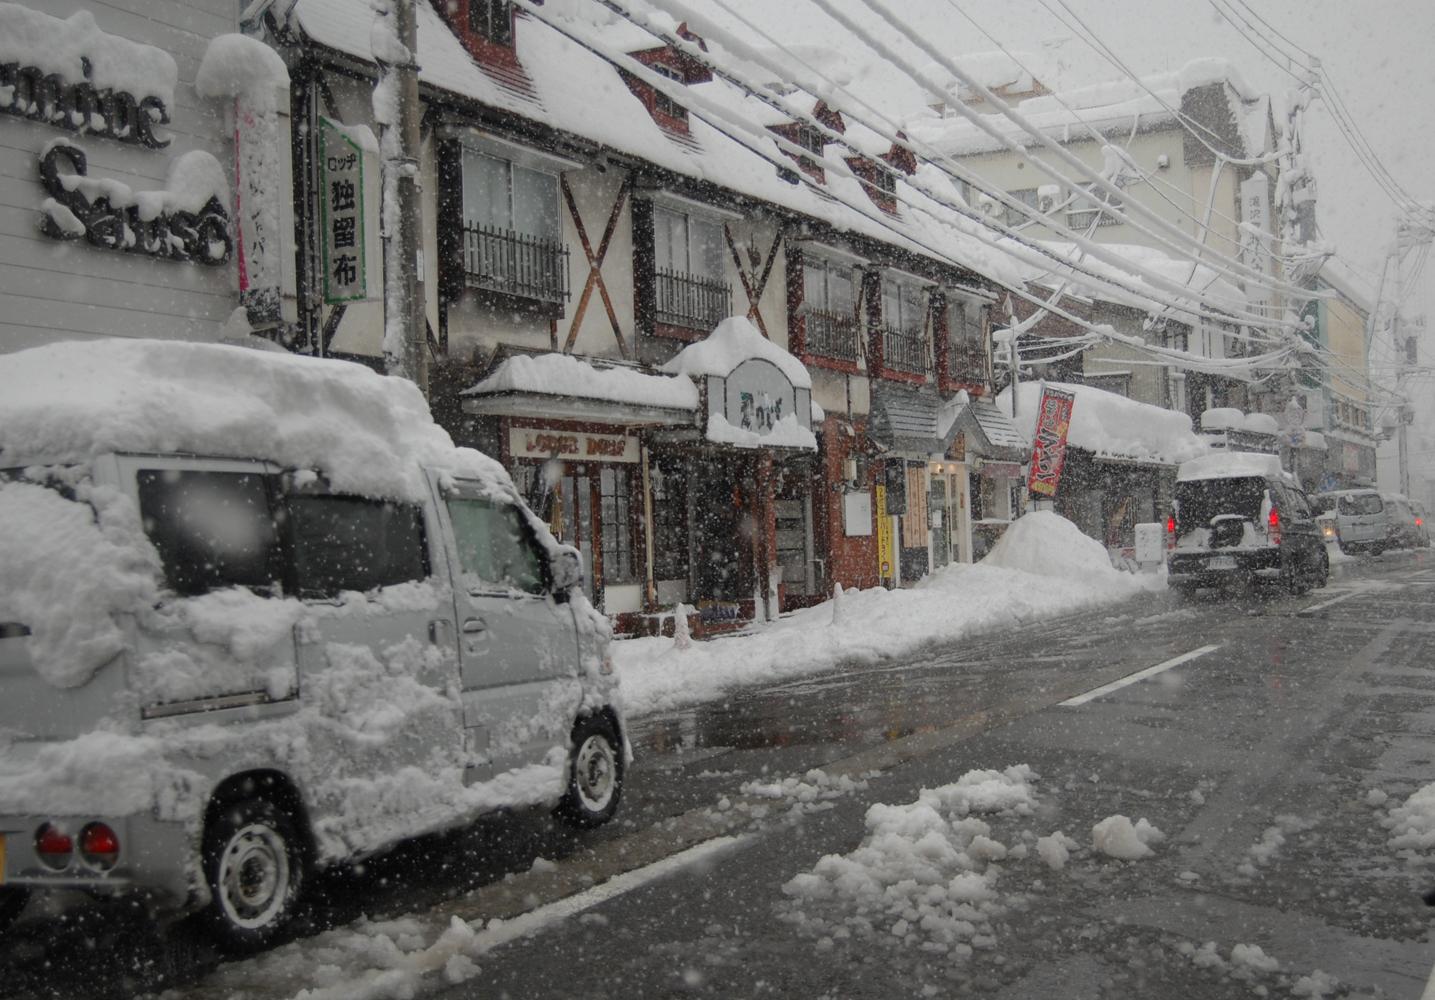 吹雪の温泉街